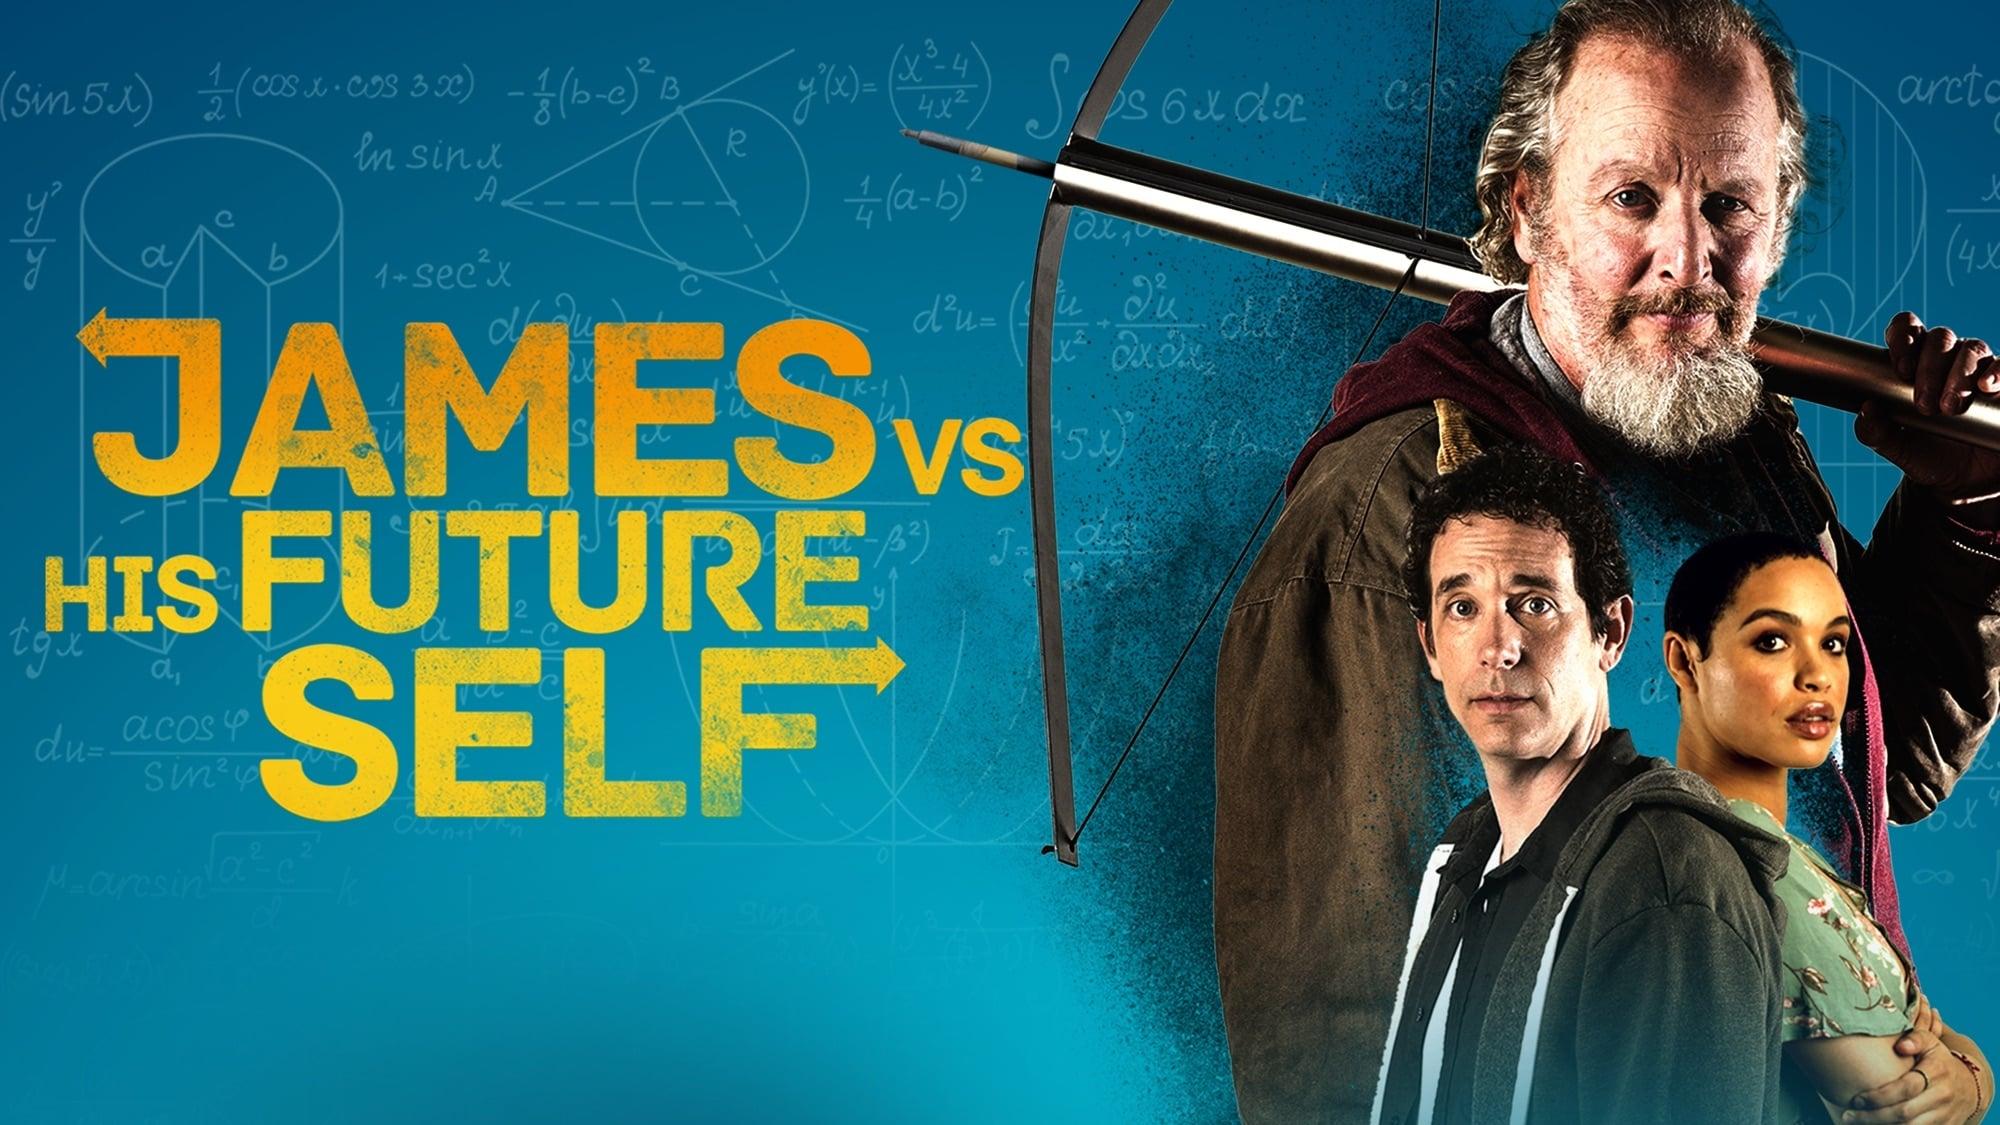 James vs. su futuro yo